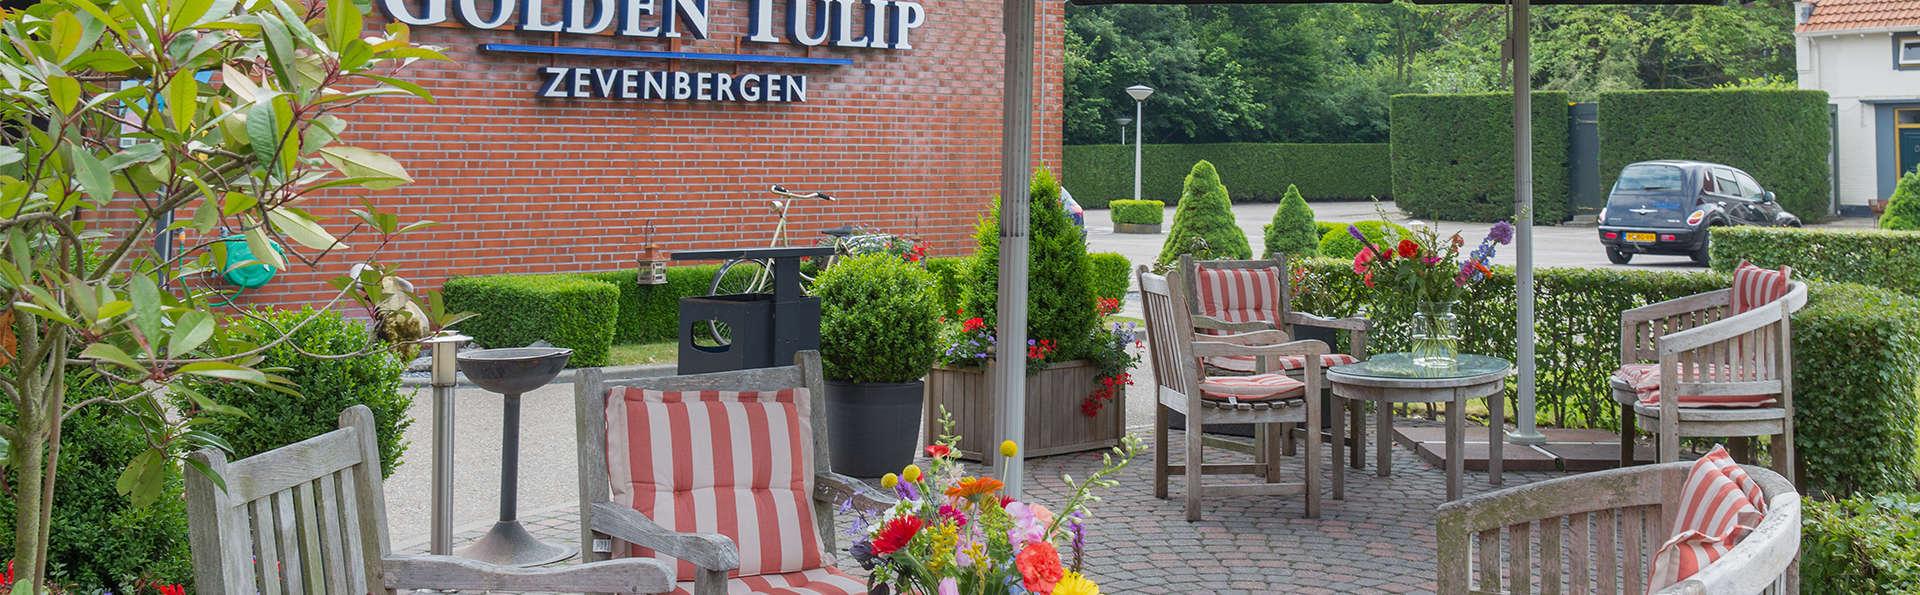 Golden Tulip Hotel Zevenbergen - EDIT_TERRACE_2.jpg